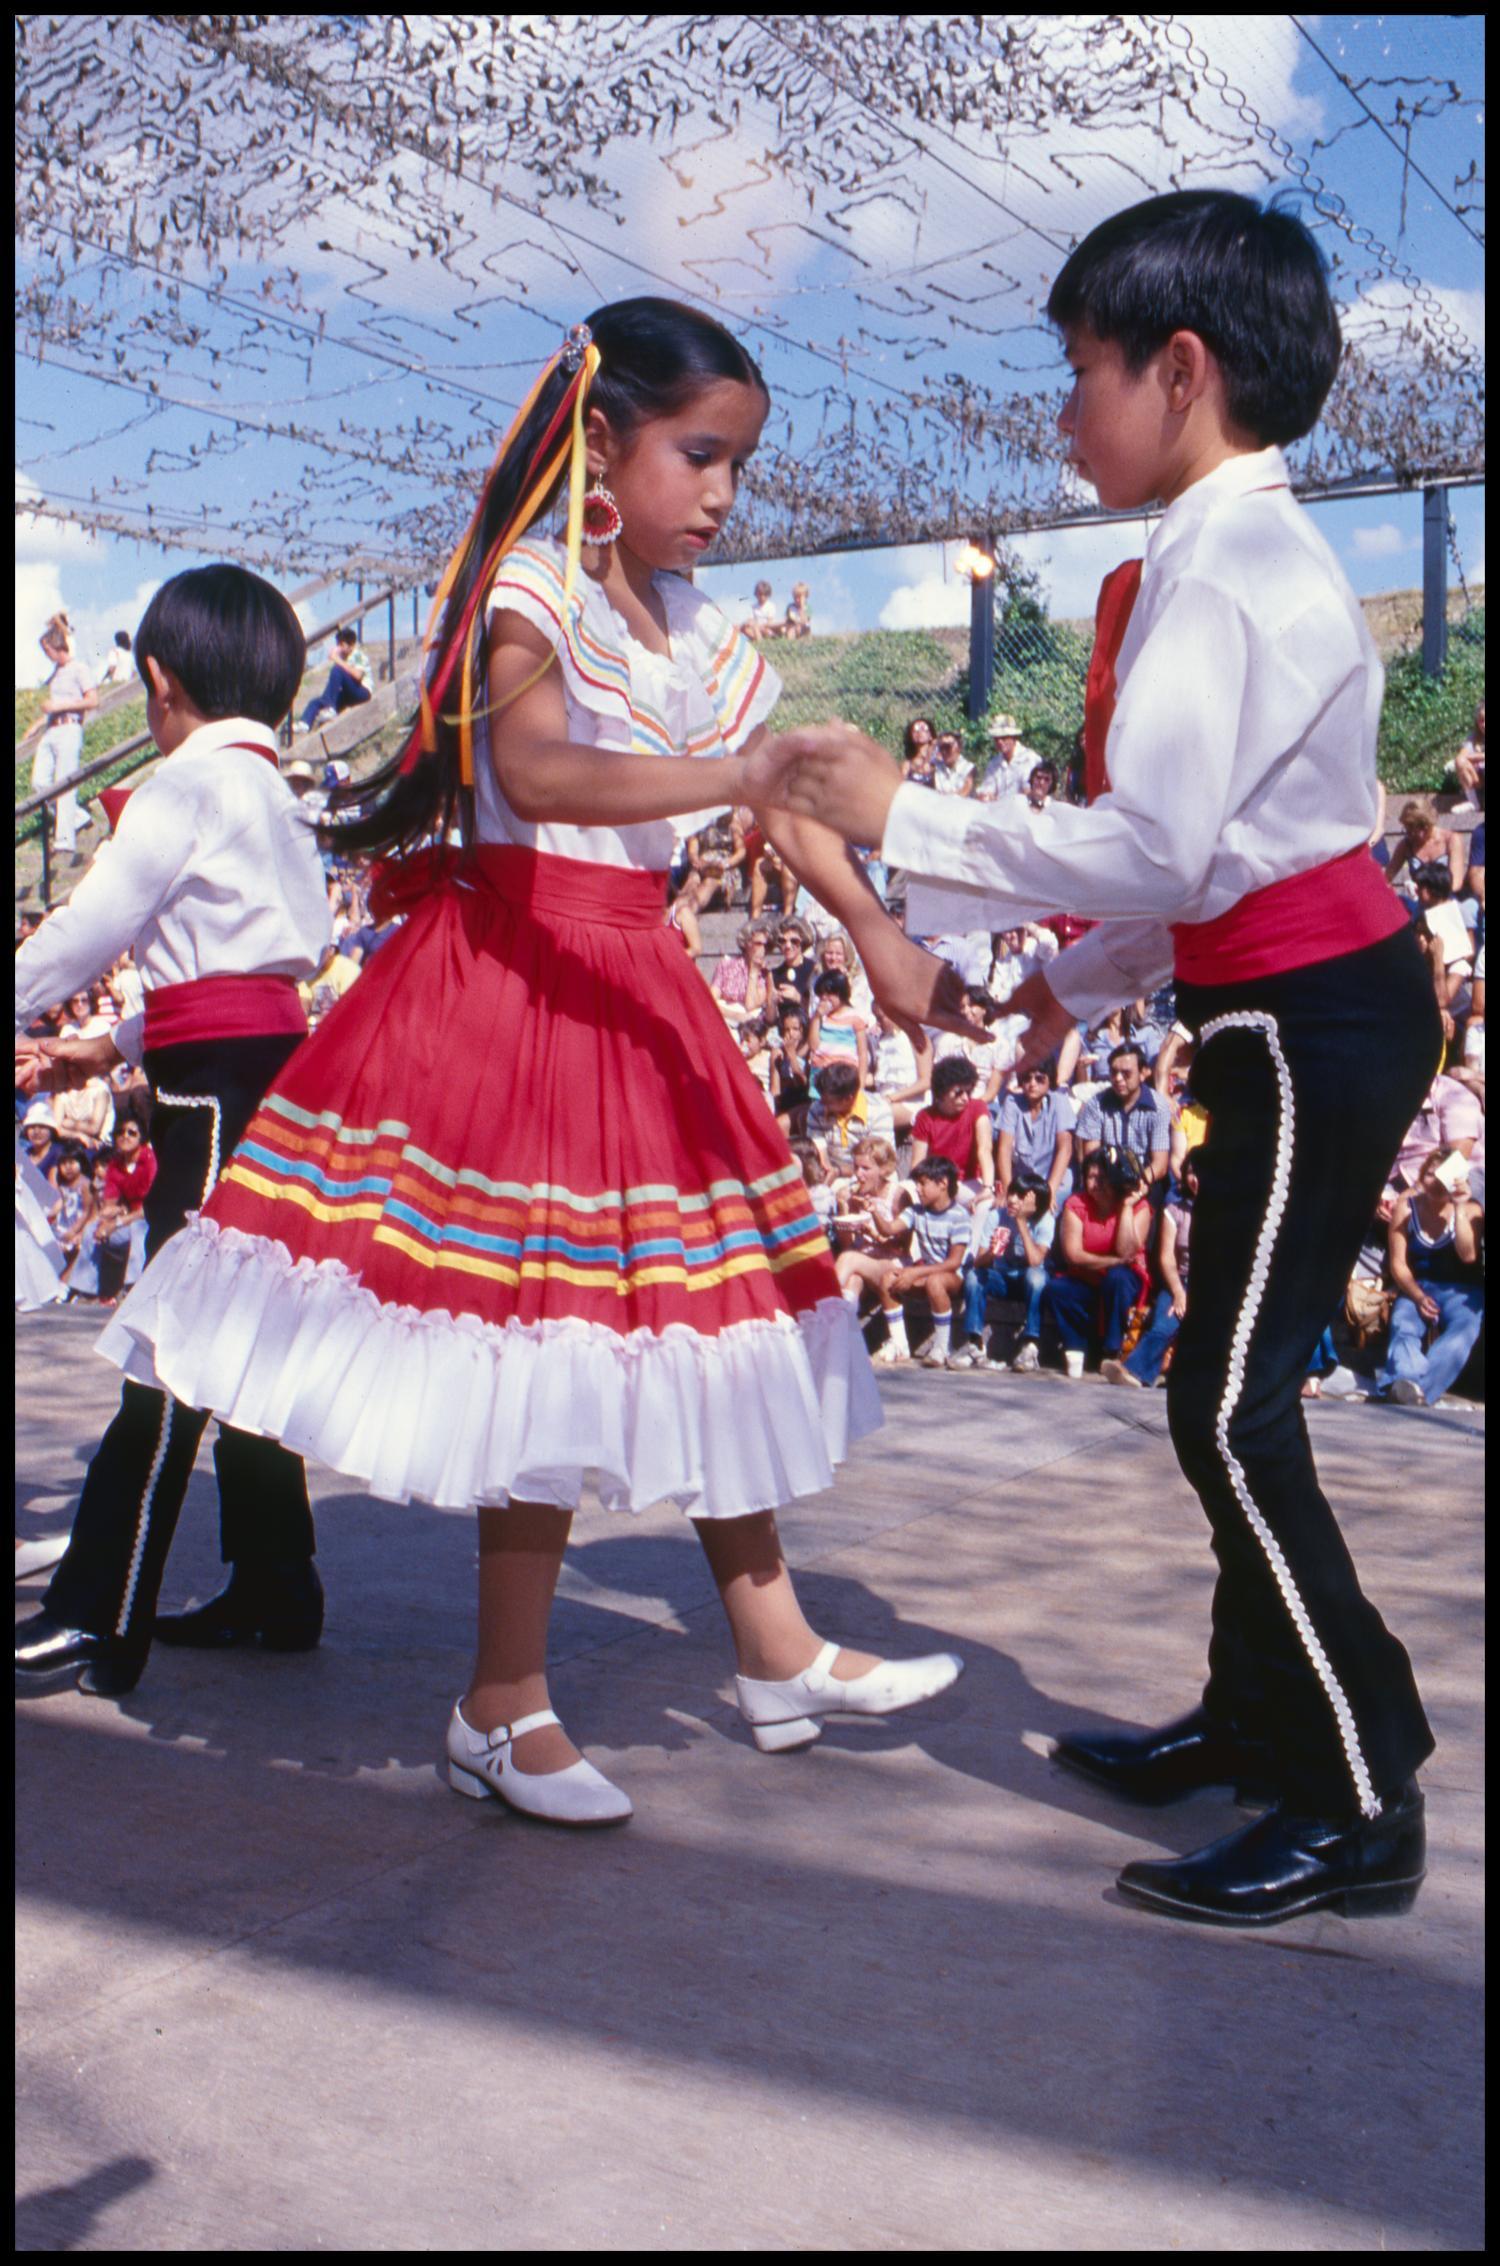 Ballet Folklorico De San Antonio Dancers At The Texas